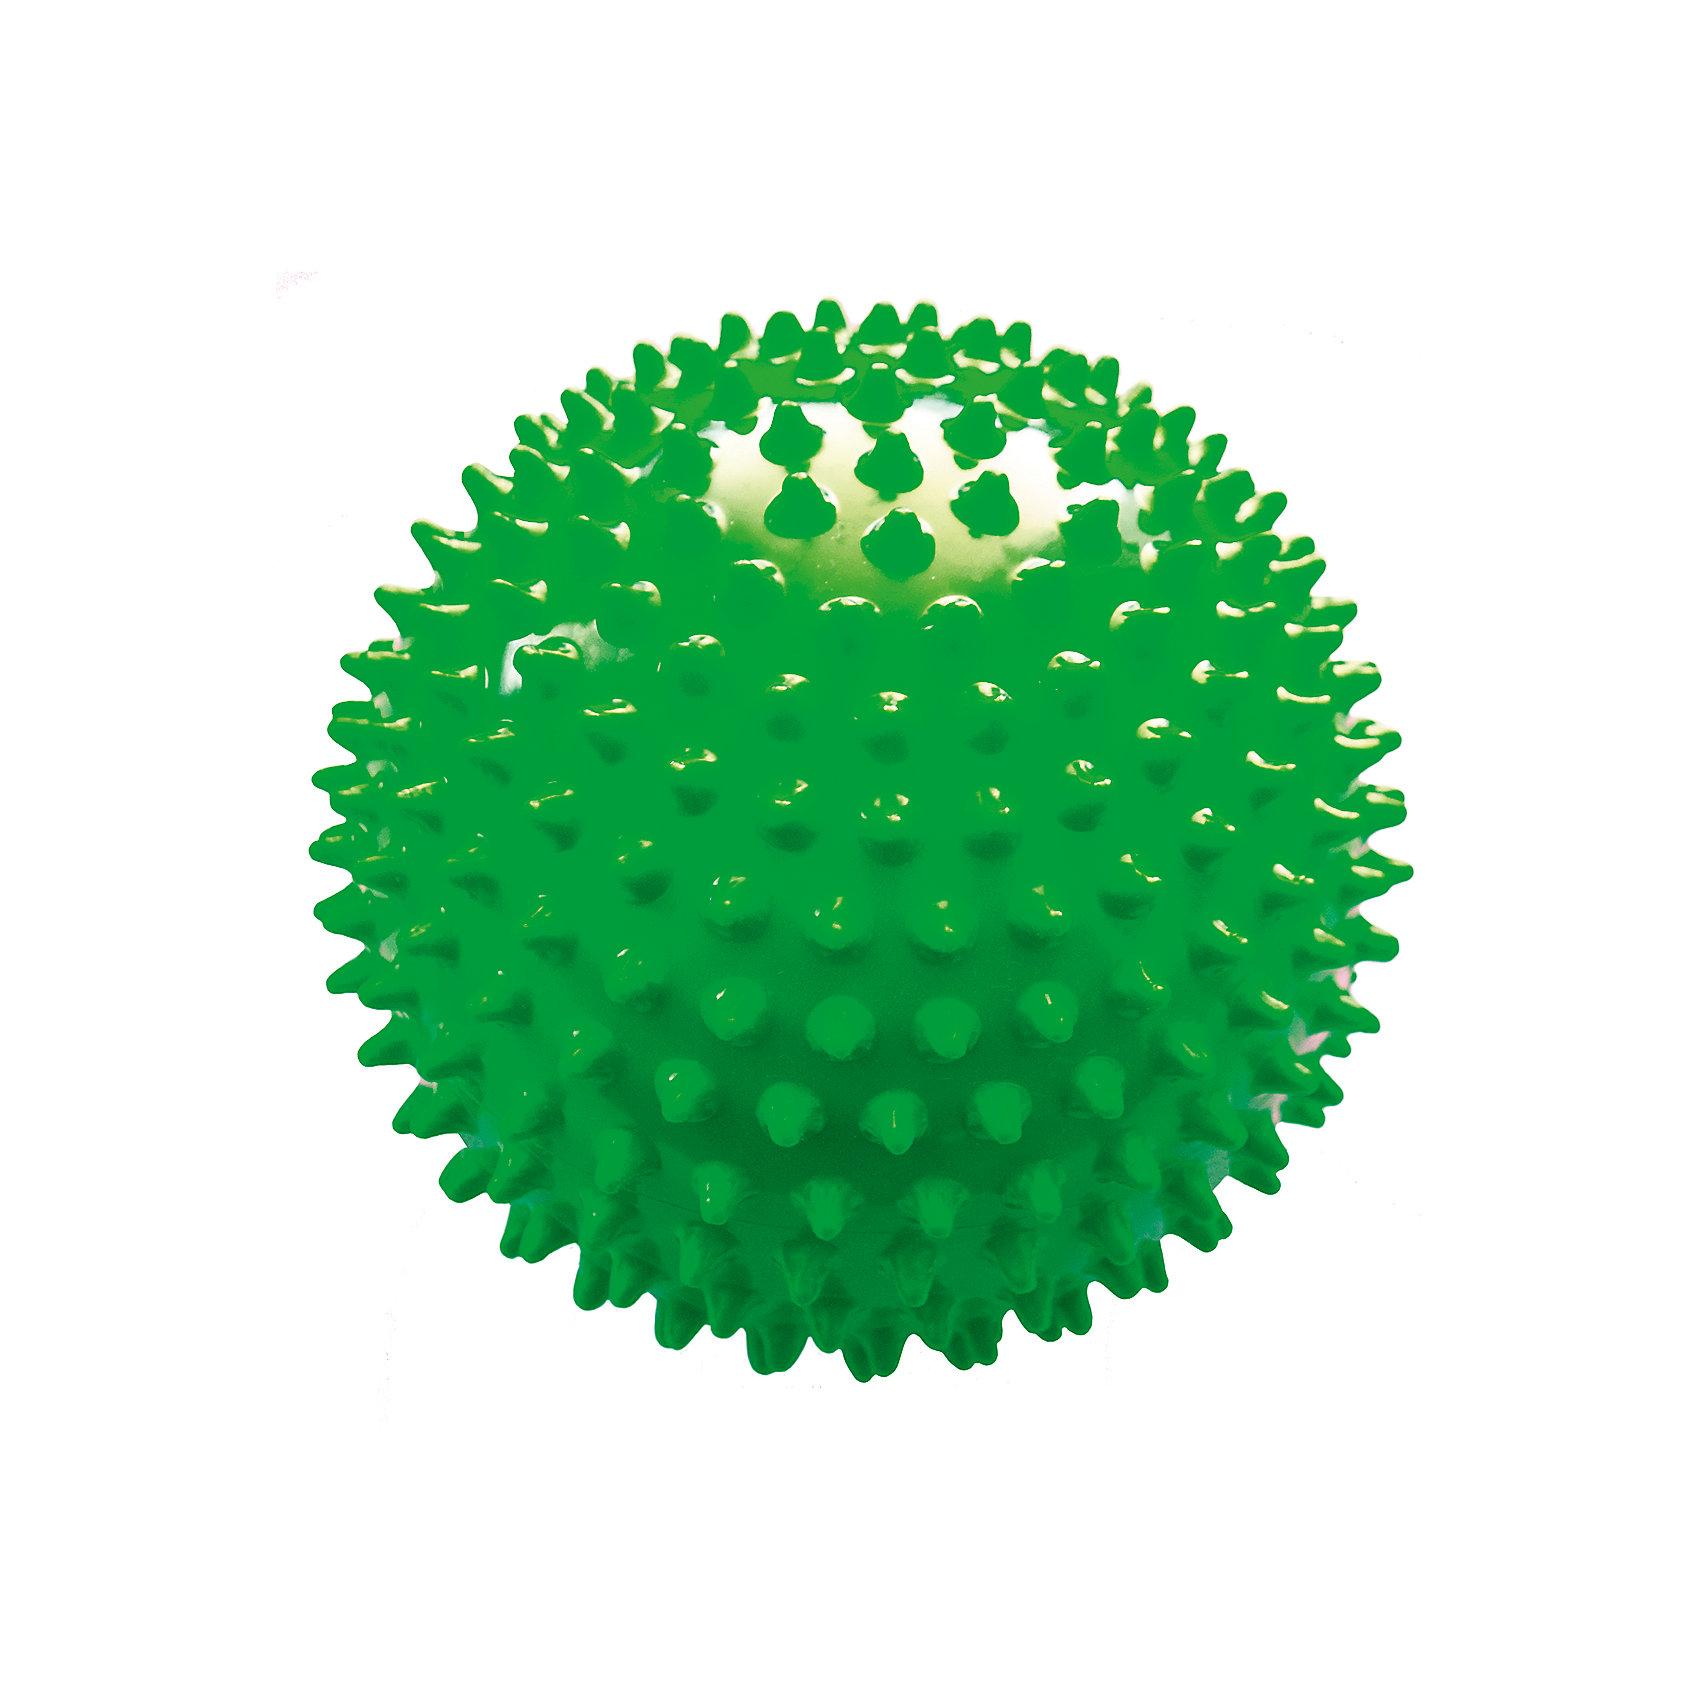 Мяч ёжик зеленый, 6,5 см, МалышОКМячи детские<br><br><br>Ширина мм: 70<br>Глубина мм: 70<br>Высота мм: 70<br>Вес г: 30<br>Возраст от месяцев: 6<br>Возраст до месяцев: 2147483647<br>Пол: Унисекс<br>Возраст: Детский<br>SKU: 6894013